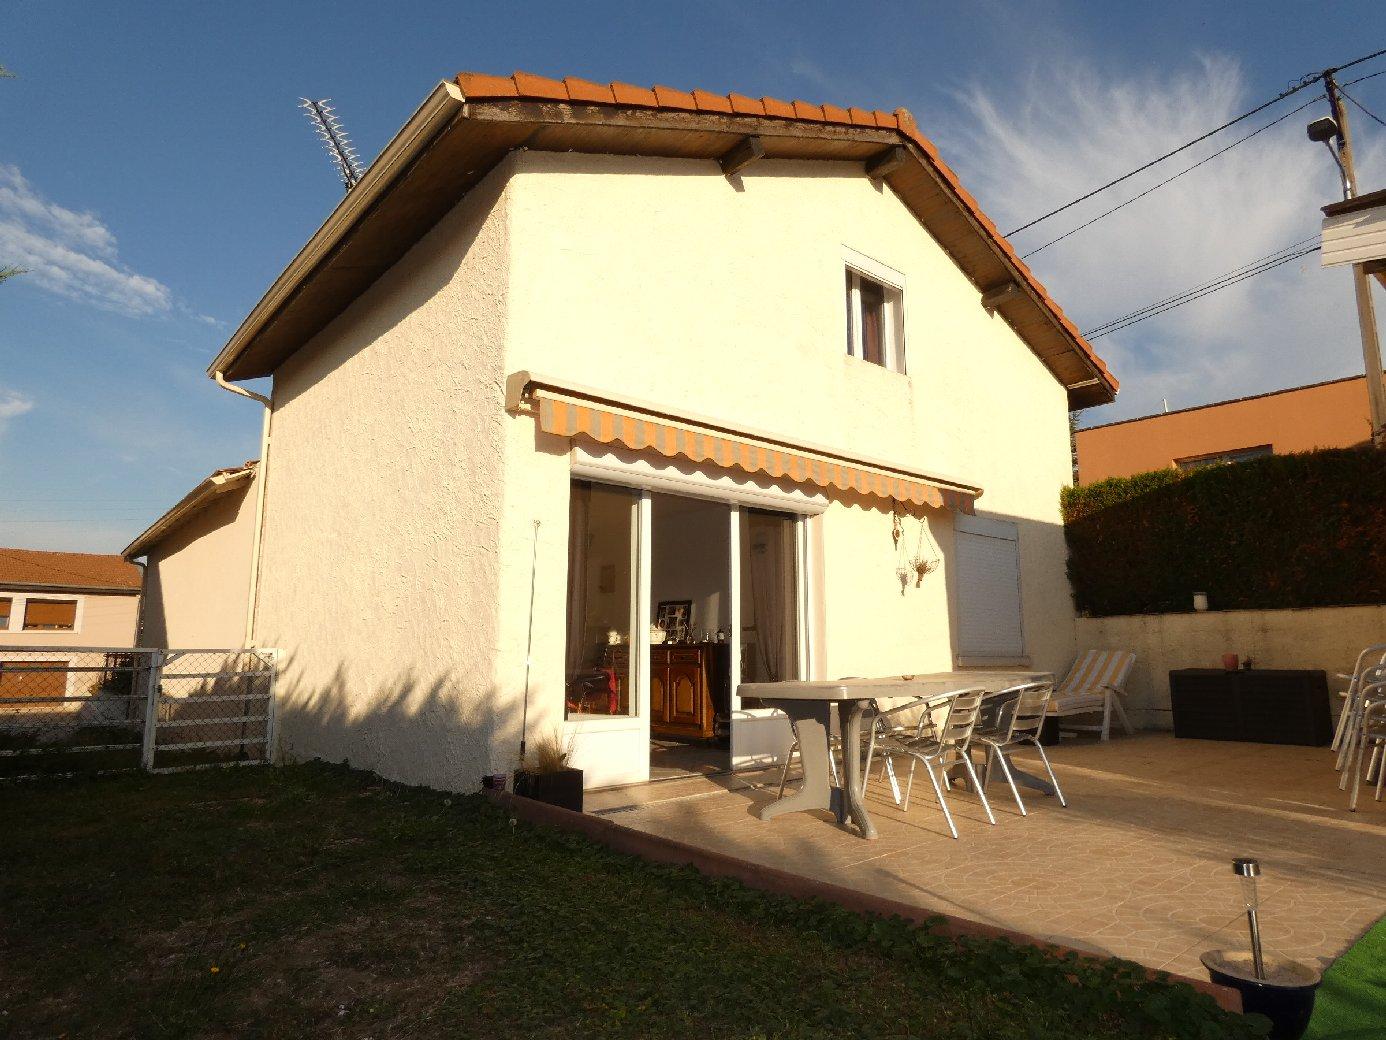 Vente maison : Pourquoi acheter dans le Vaucluse ?